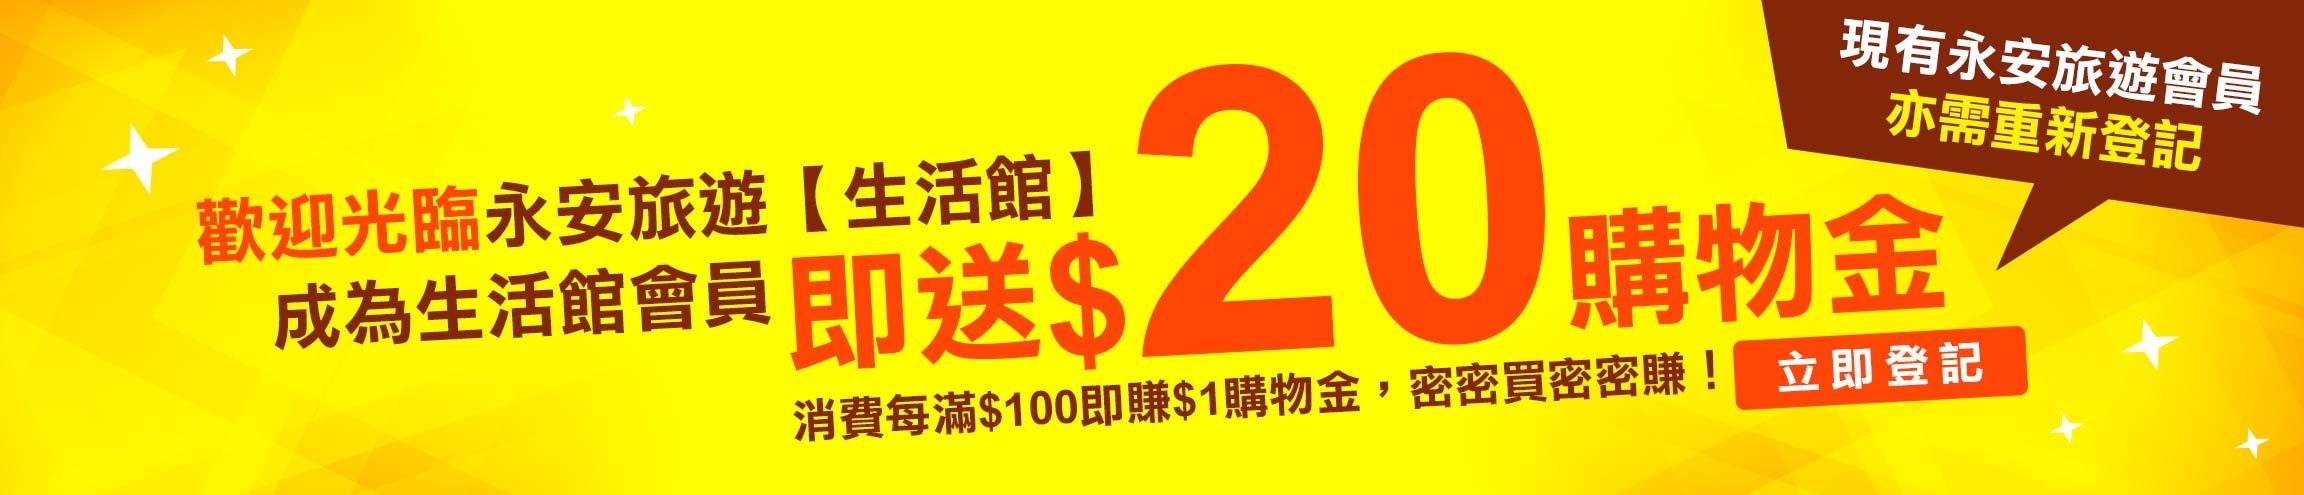 永安旅遊購物頻道『生活館』搜羅全球最潮最時令商品, 新登記即送$20購物券